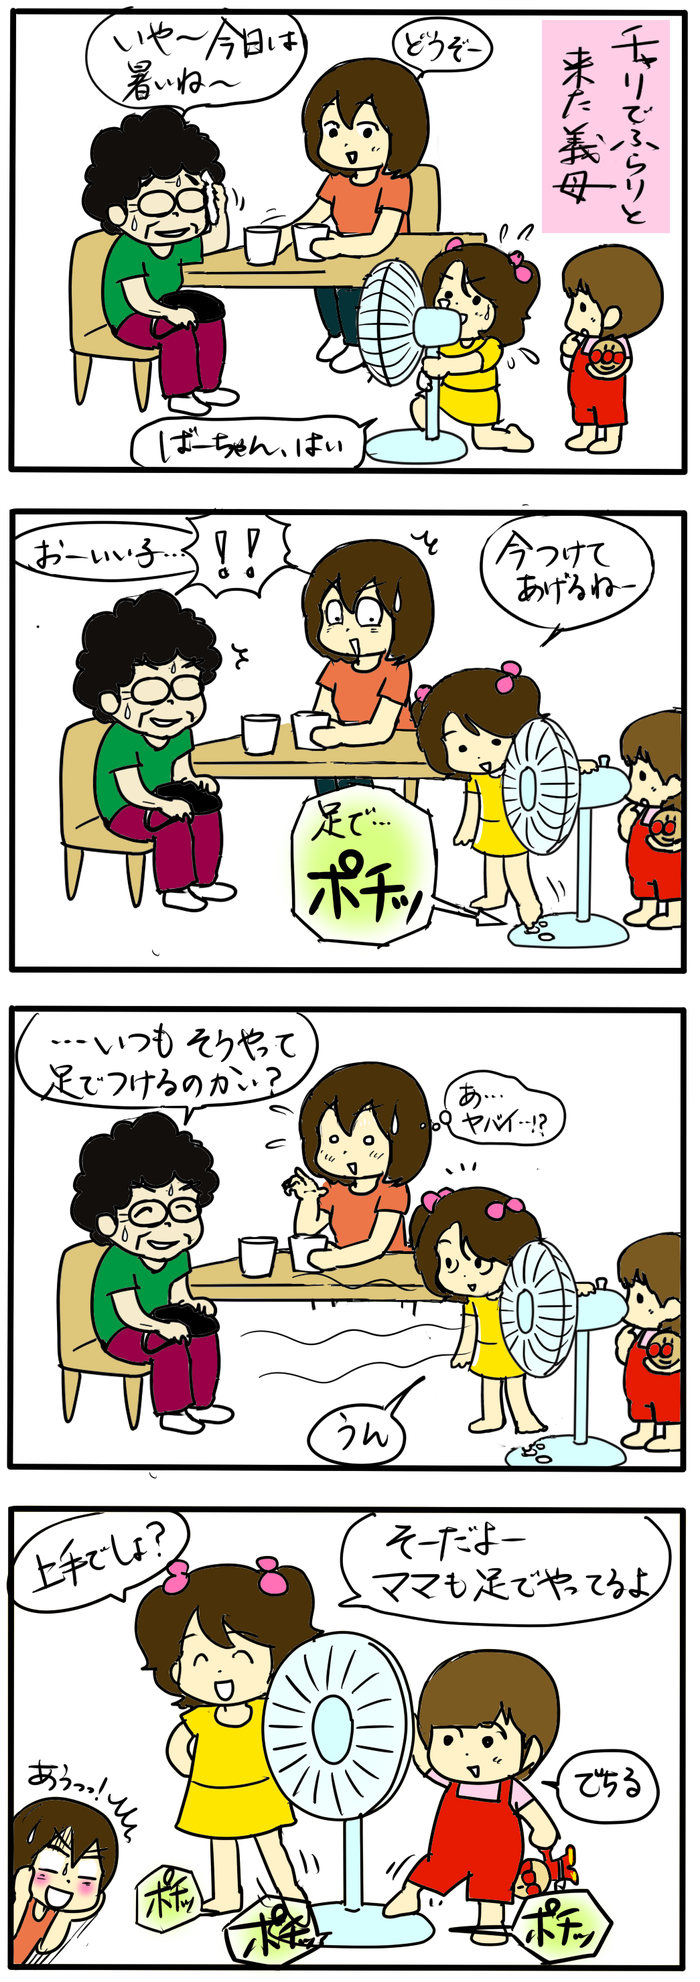 タイミング悪っ!  お義母さんの前で私の本性がバレる時(笑)の画像1